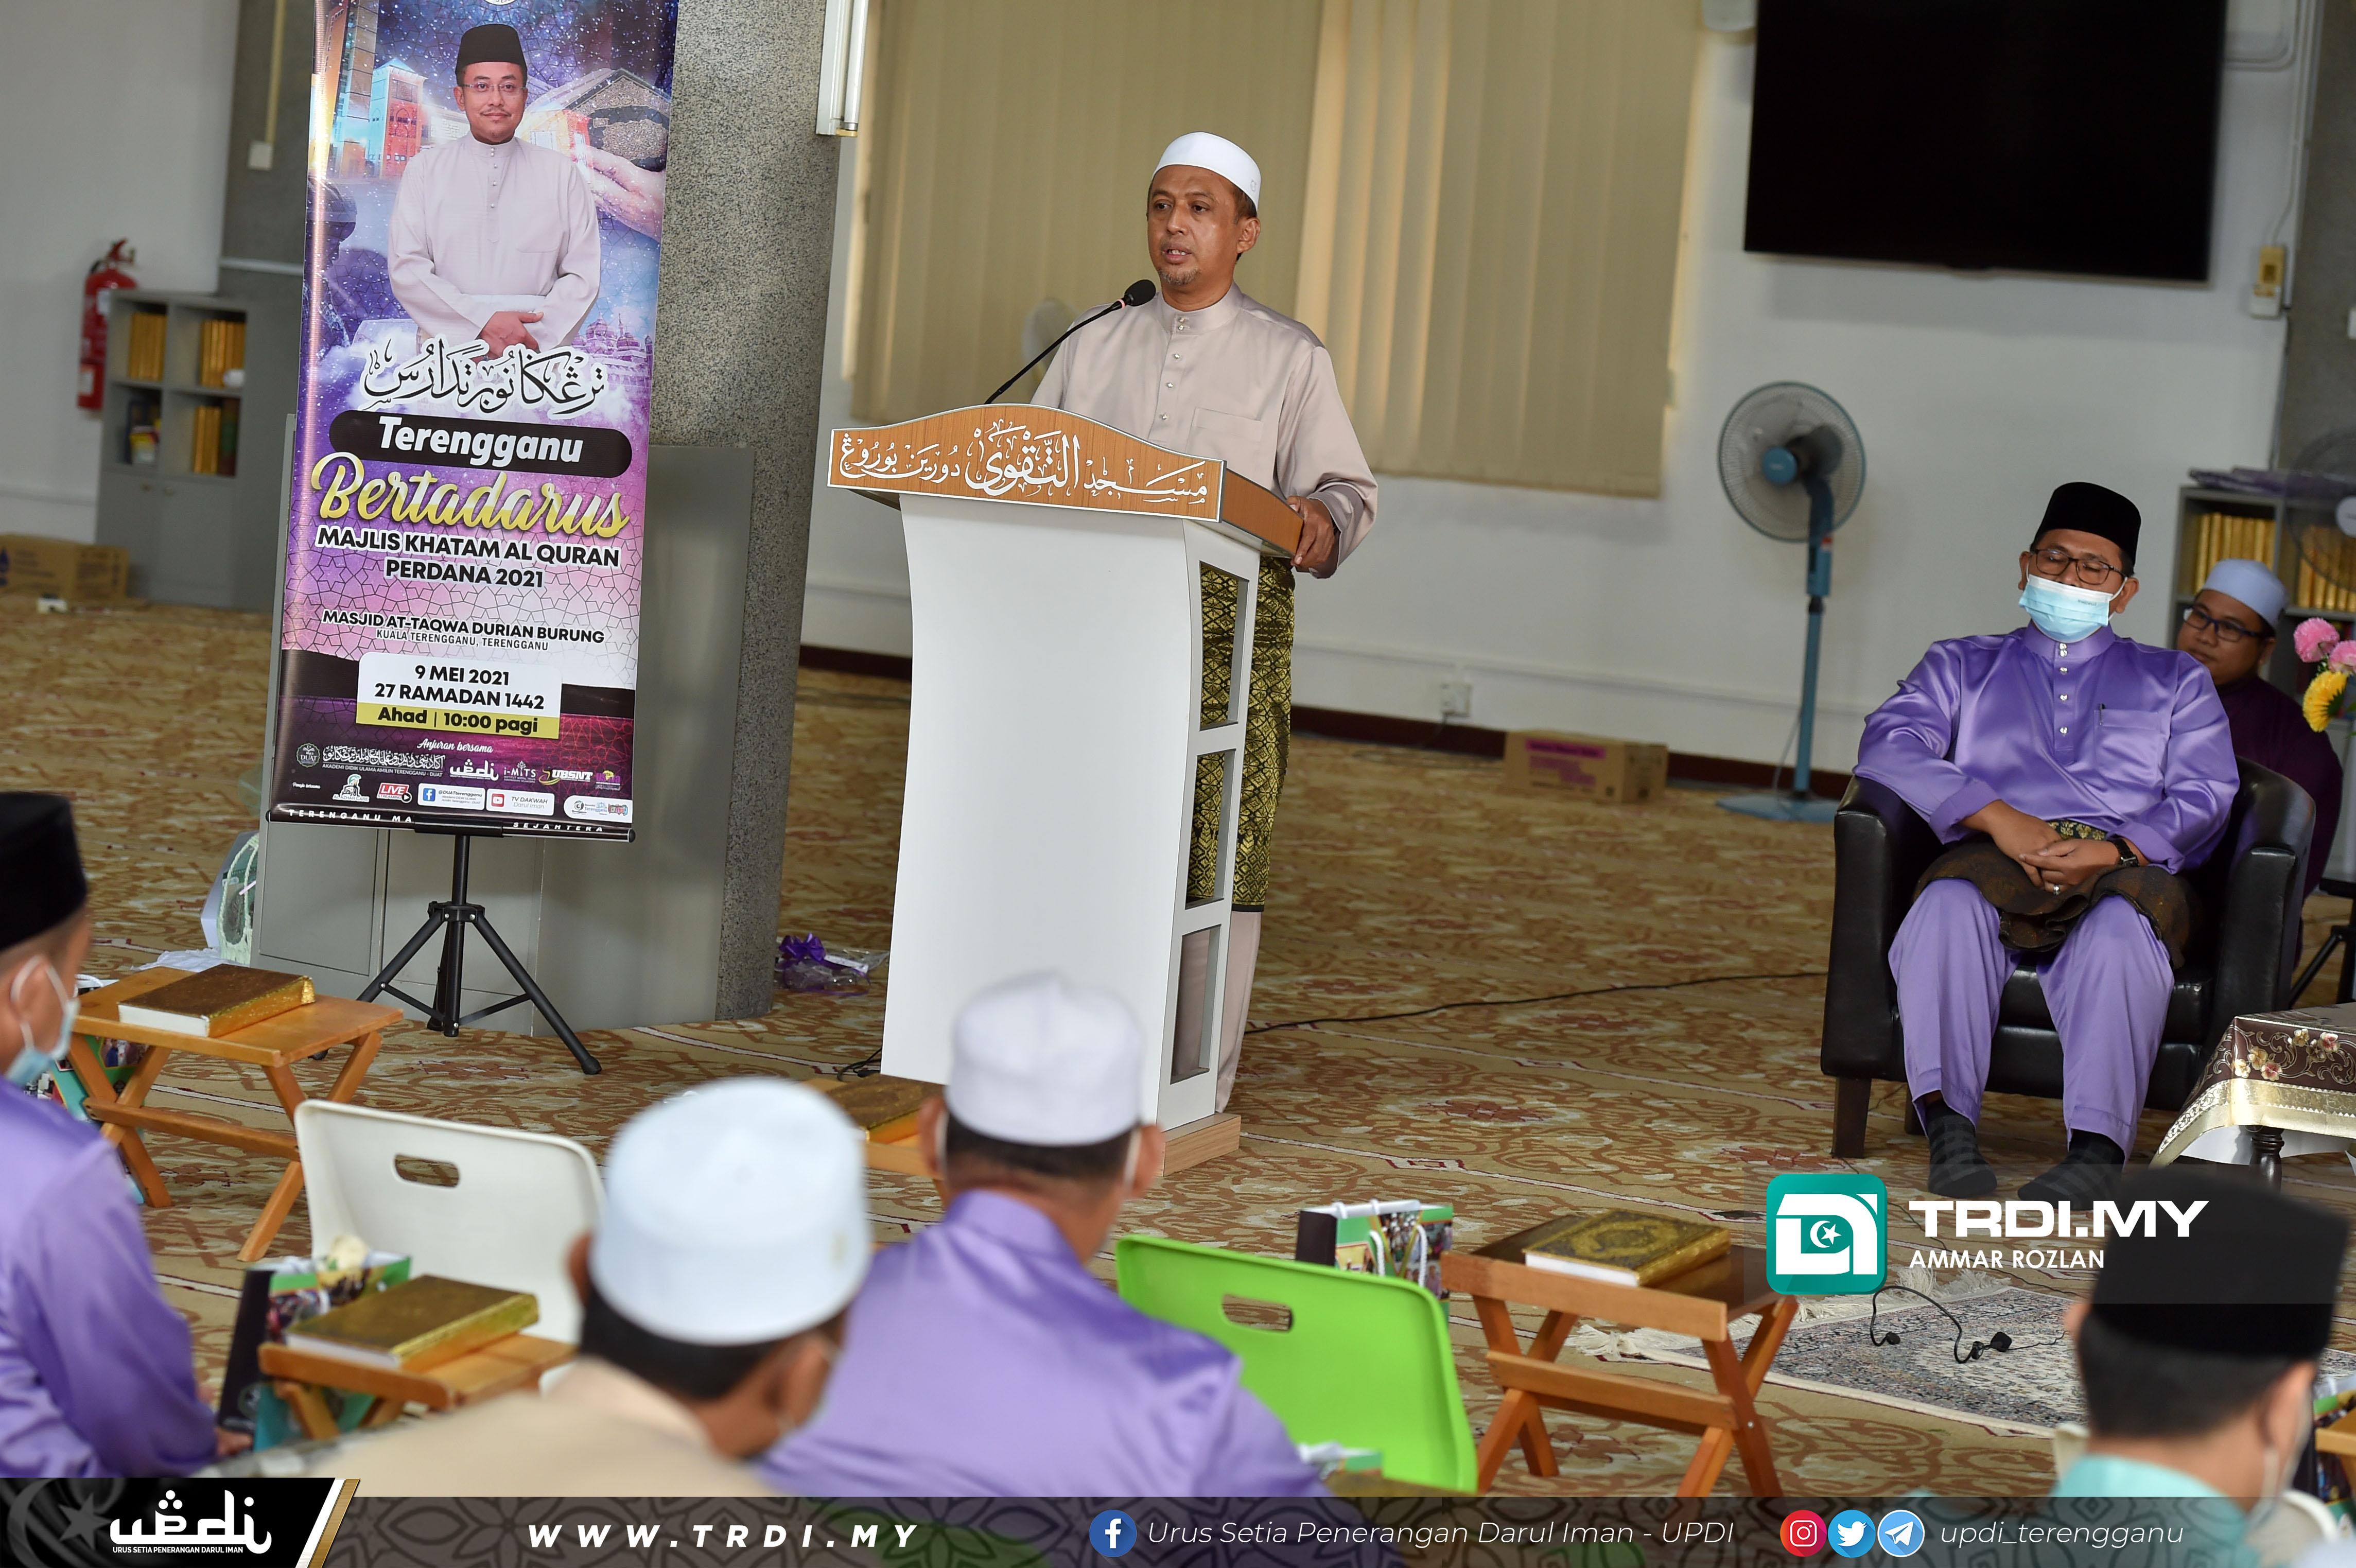 Program Terengganu Bertadarus Majlis Khatam Al-Quran Perdana Tahun 1442H/2021M anjuran Akademi Didik Ulama Amilin Terengganu (DUAT) di Masjid At-Taqwa Durian Burung, Kuala Terengganu.